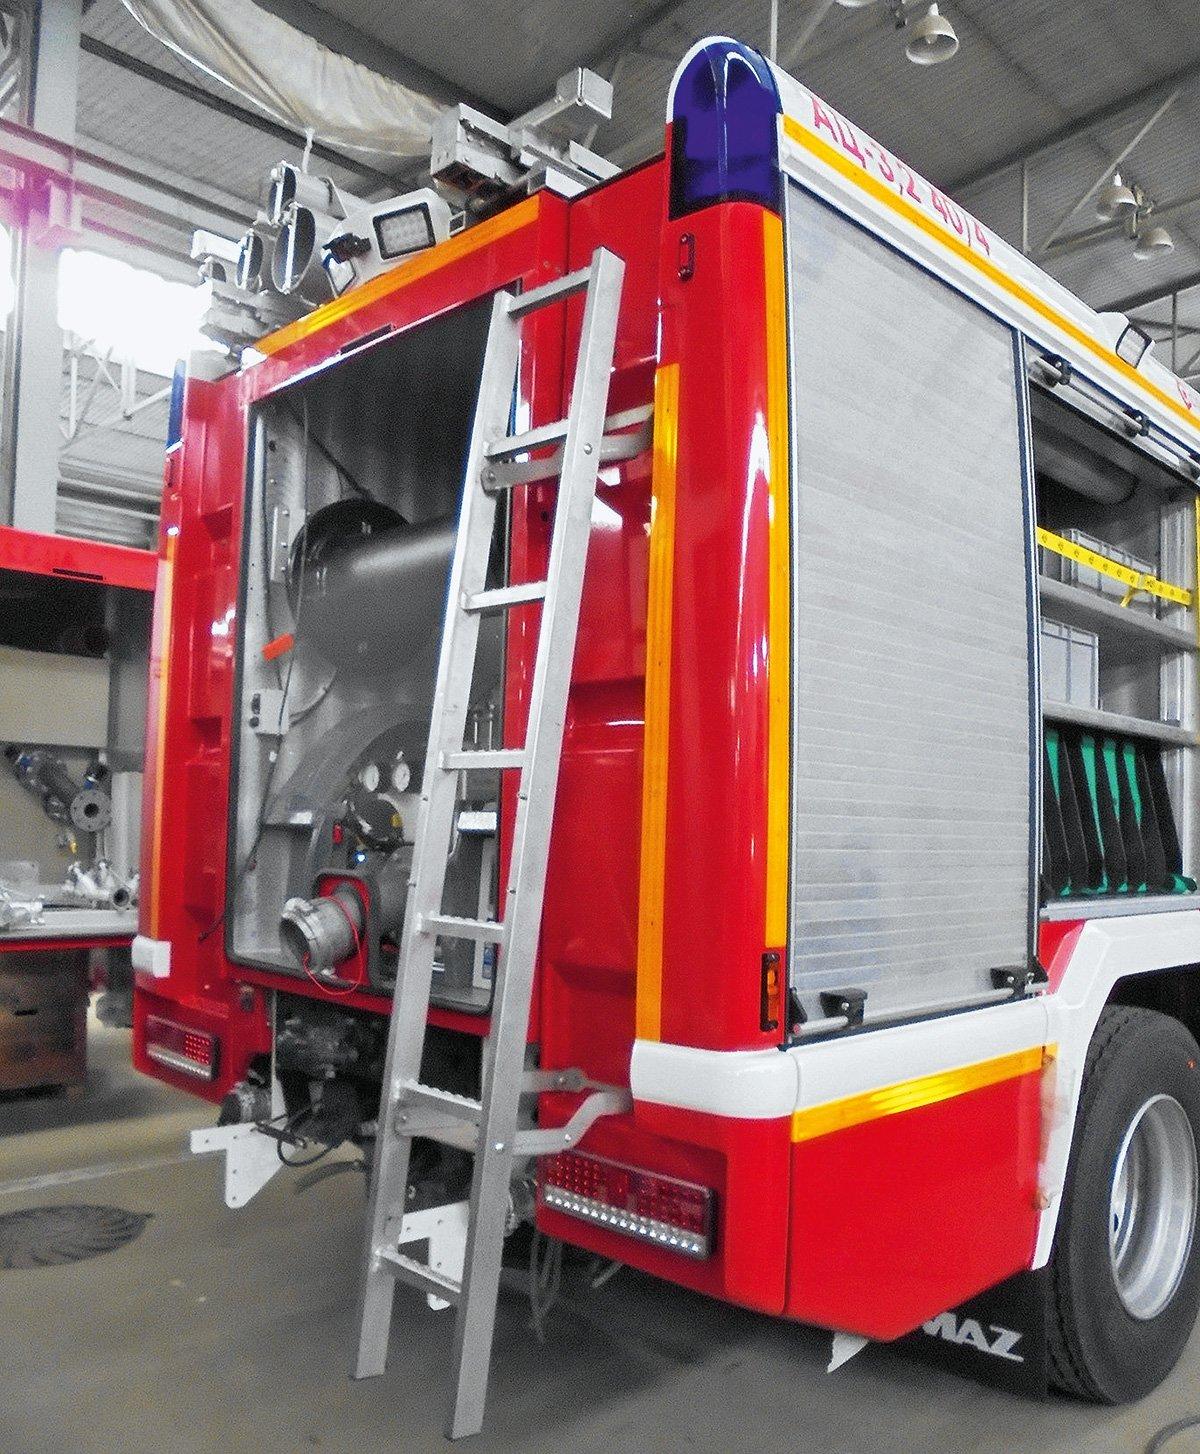 Съездил на завод «Спецтехника пожаротушения»: рассказываю, как делают пожарные машины в России